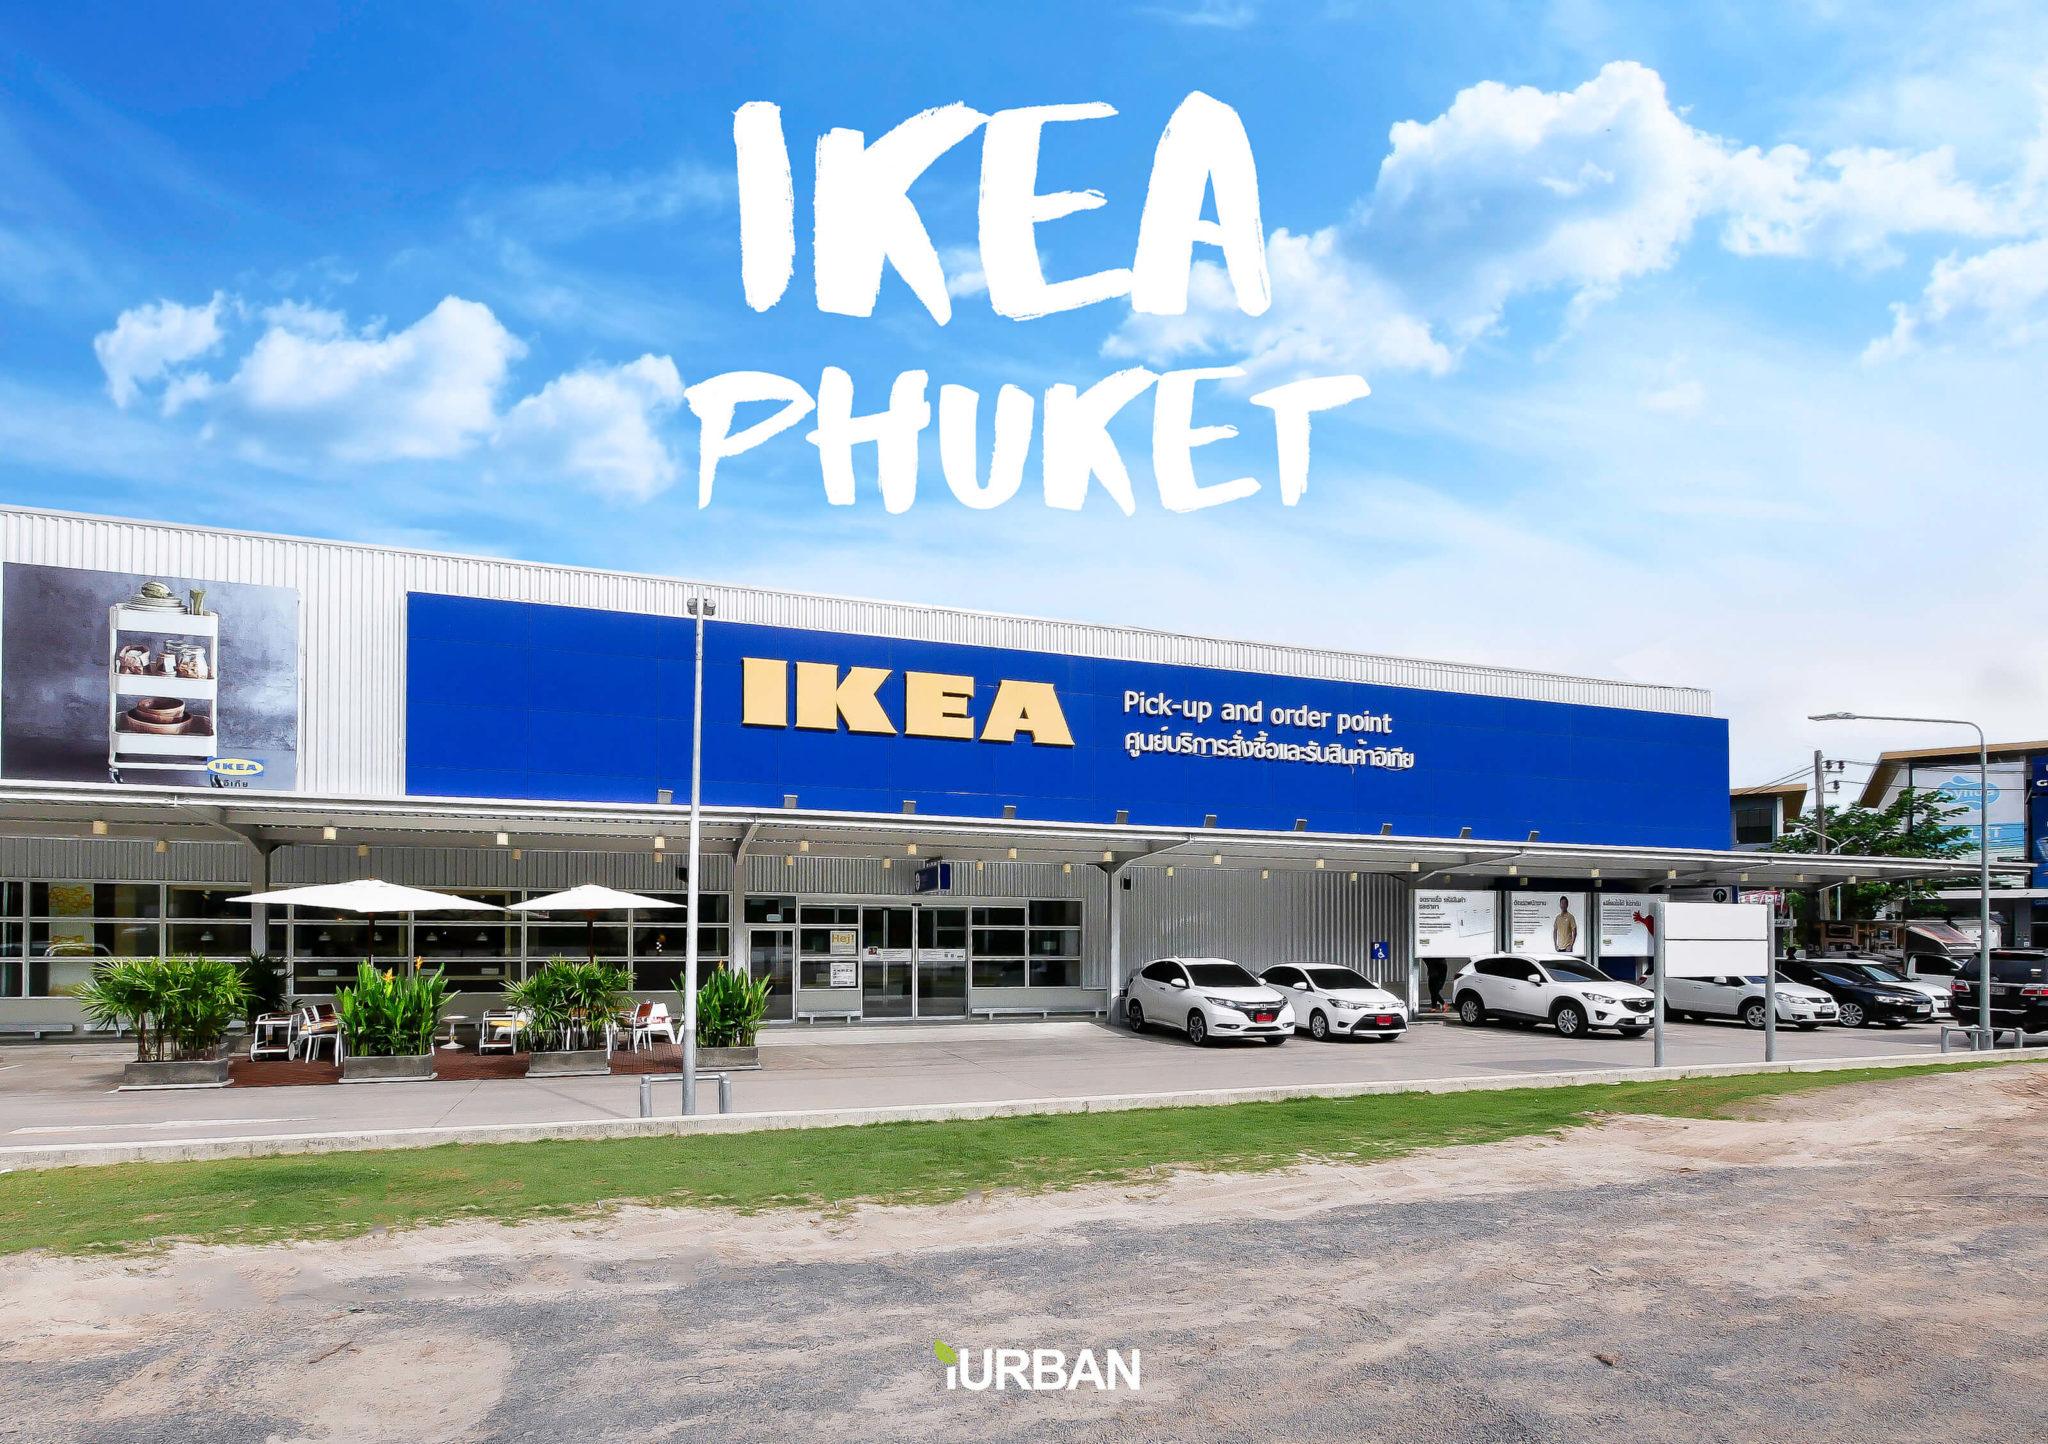 อิเกีย ภูเก็ต โฉมใหม่! ใหญ่กว่าเดิม! เพิ่มของใหม่หลายพันรายการ 13 - IKEA (อิเกีย)